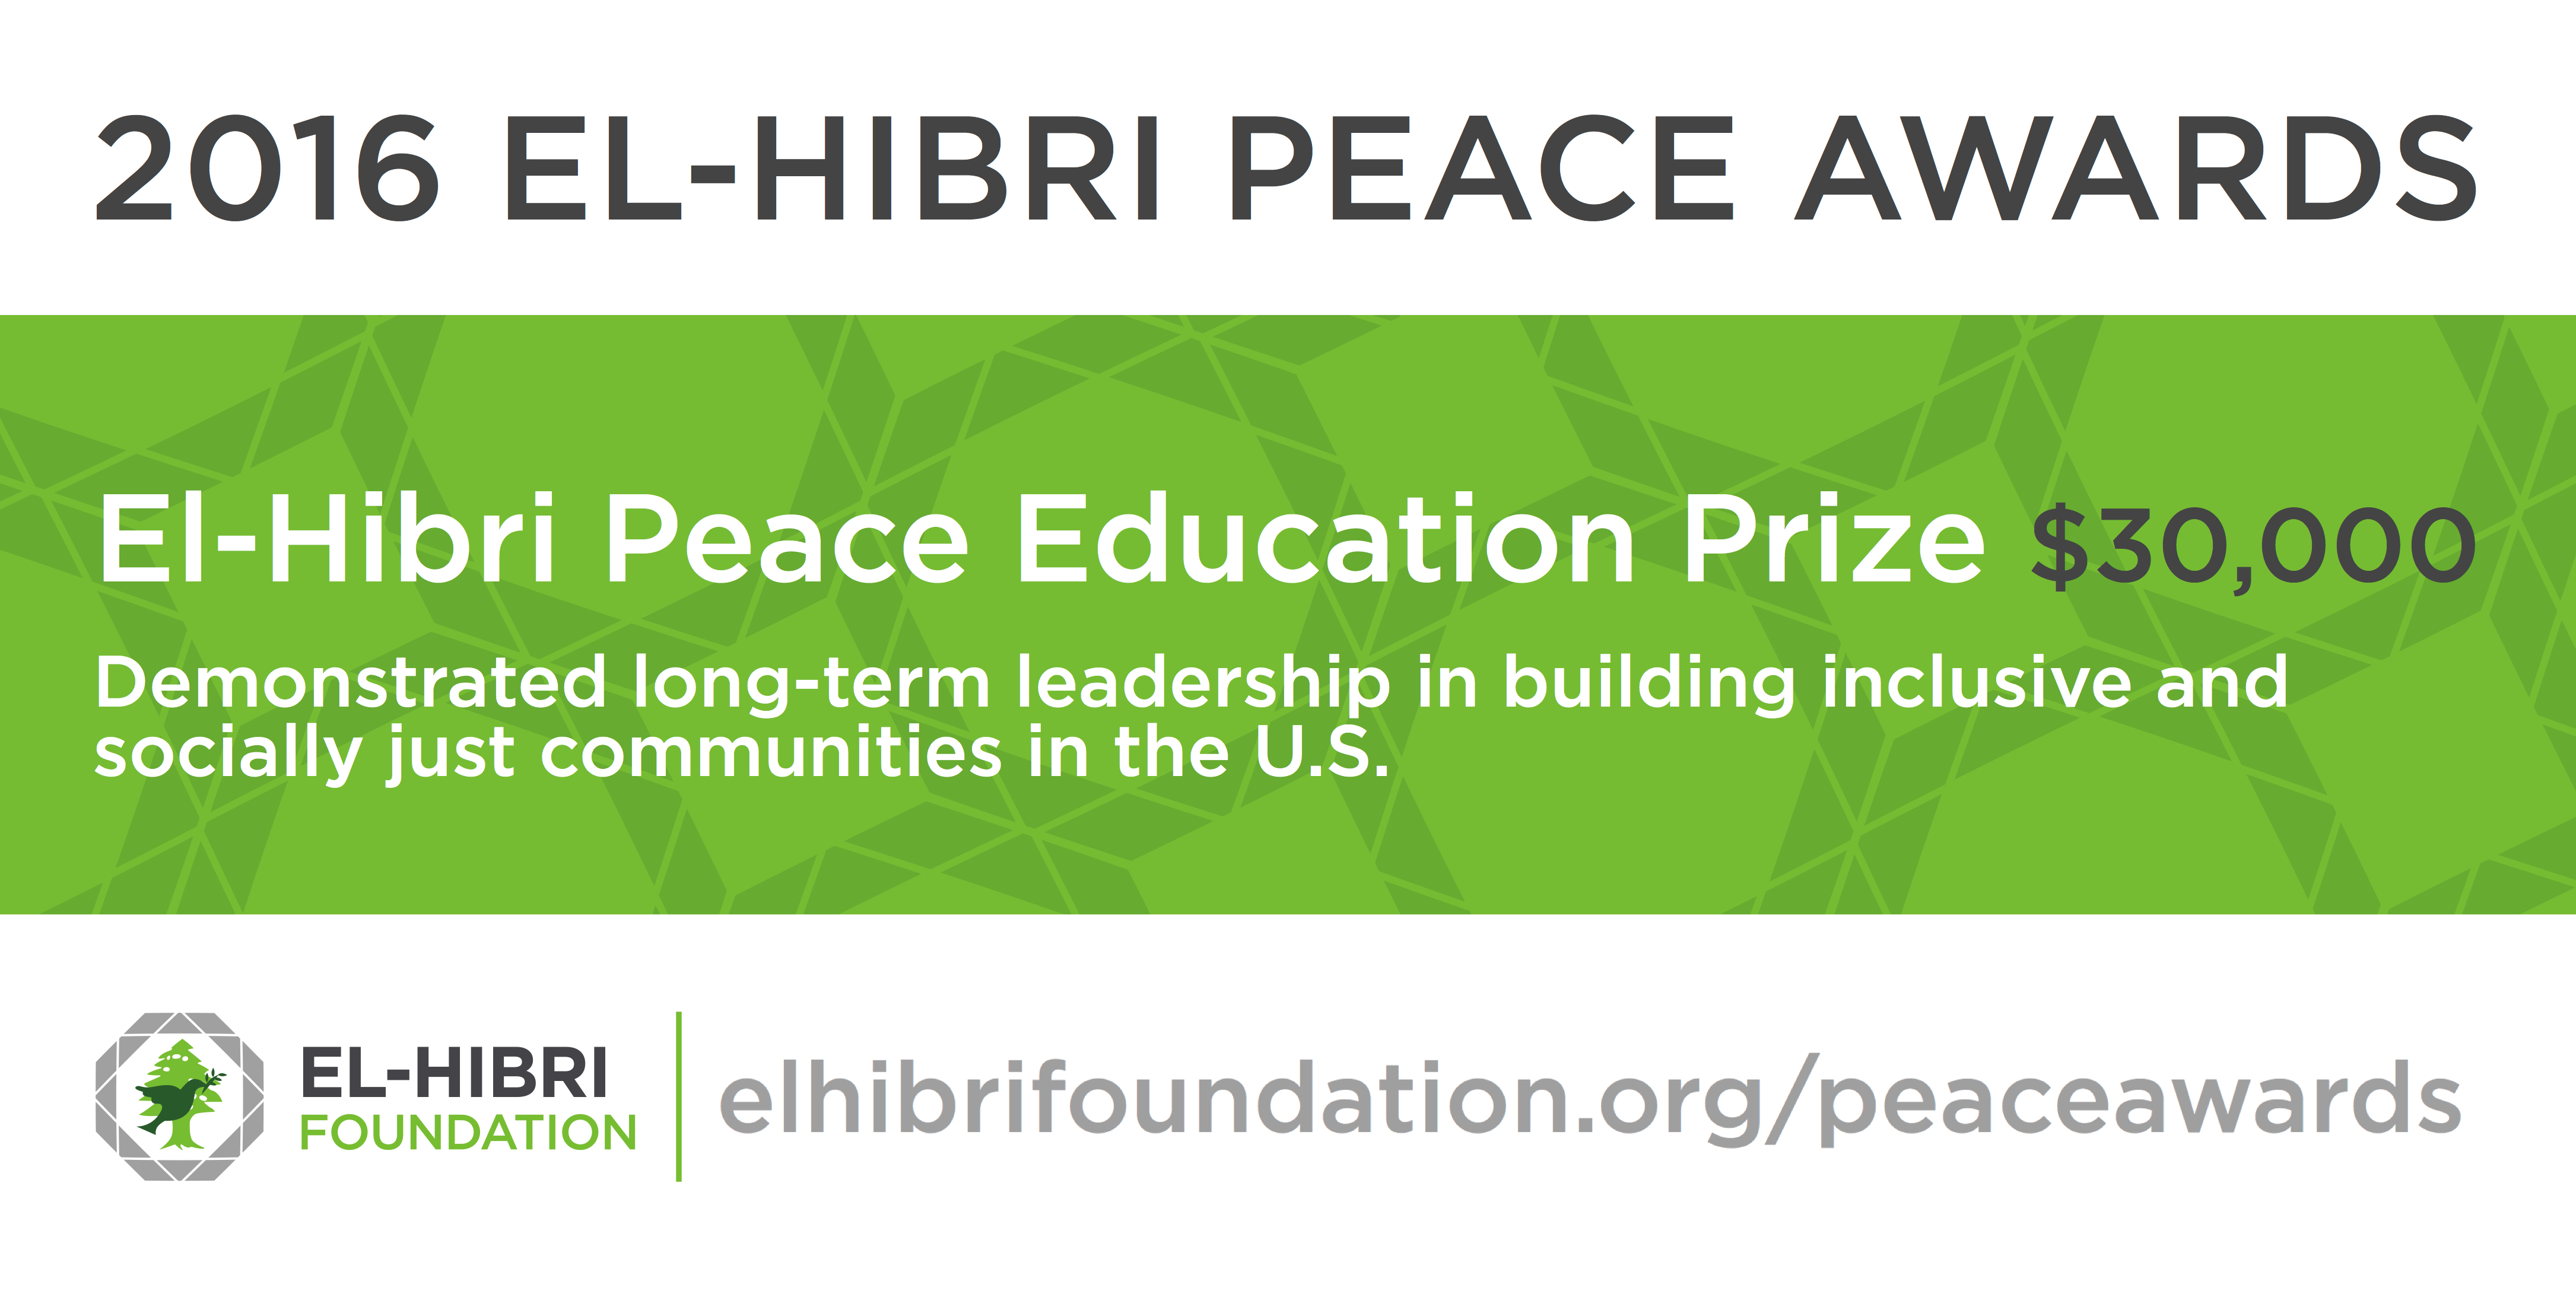 El-Hibri Foundation - El-Hibri Peace Education Prize